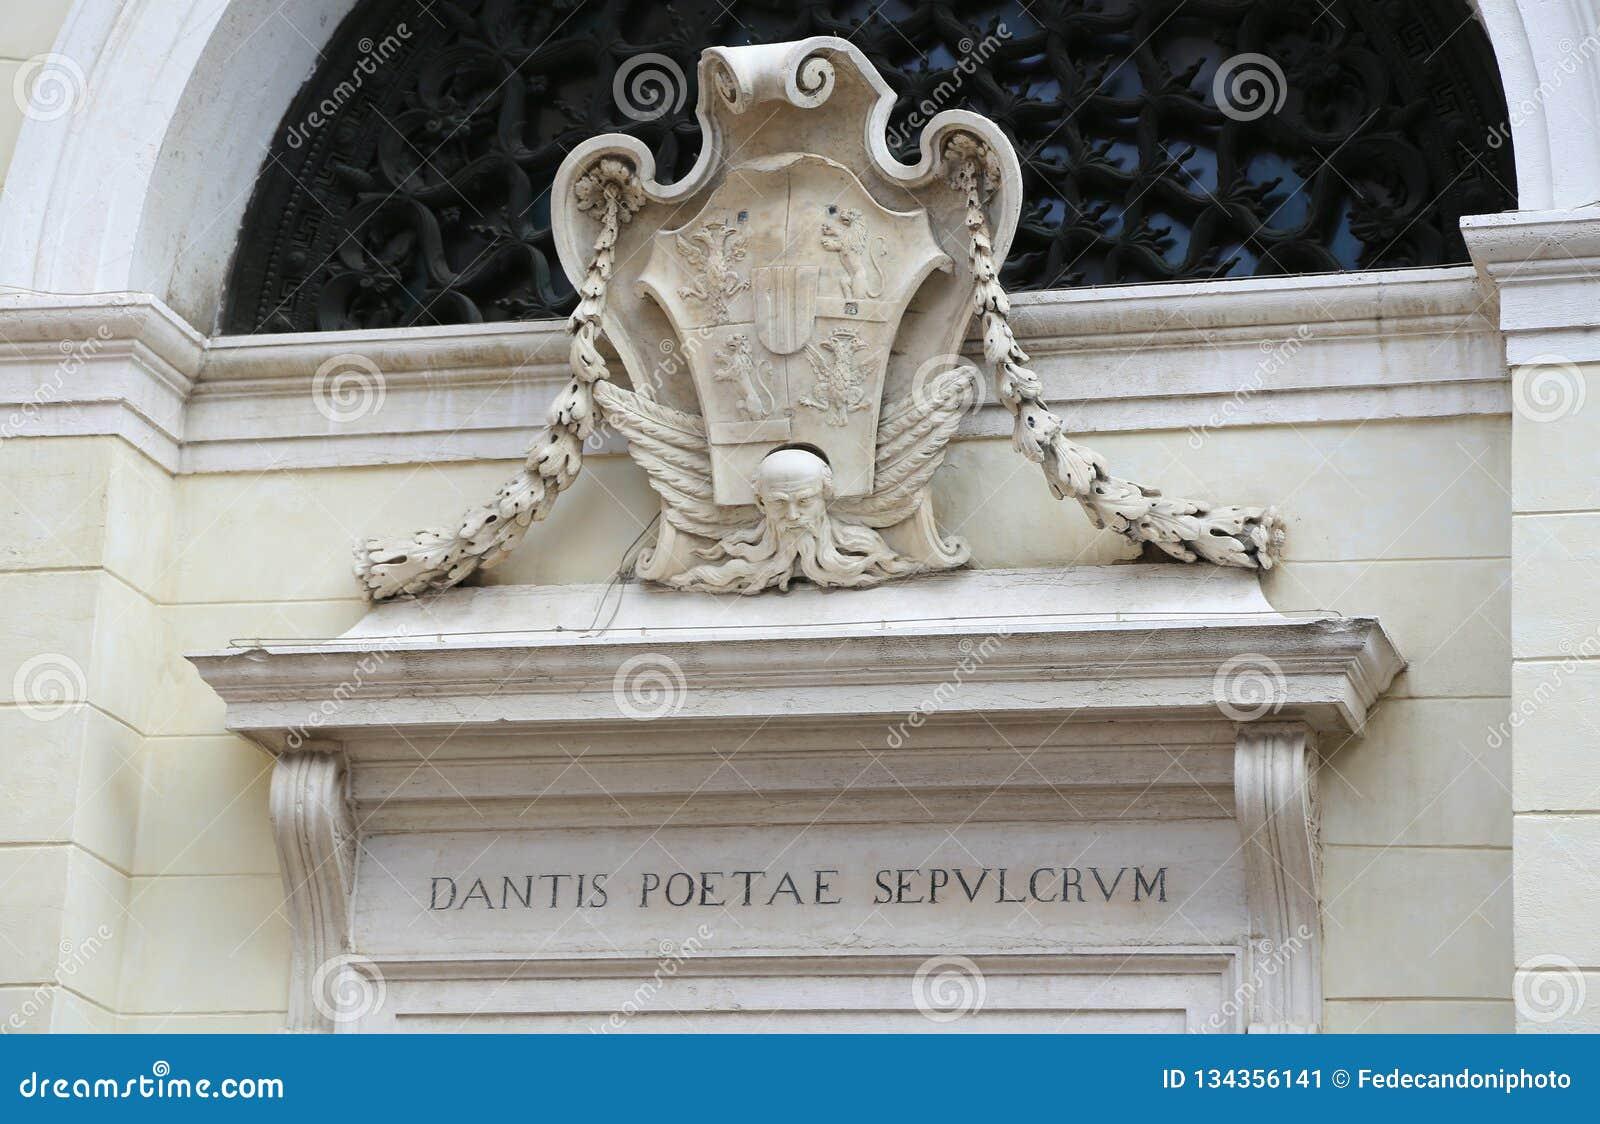 Равенна, РА, Италия - 5-ое июня 2016: Надпись в латыни которая значит усыпальницу поэта Dante